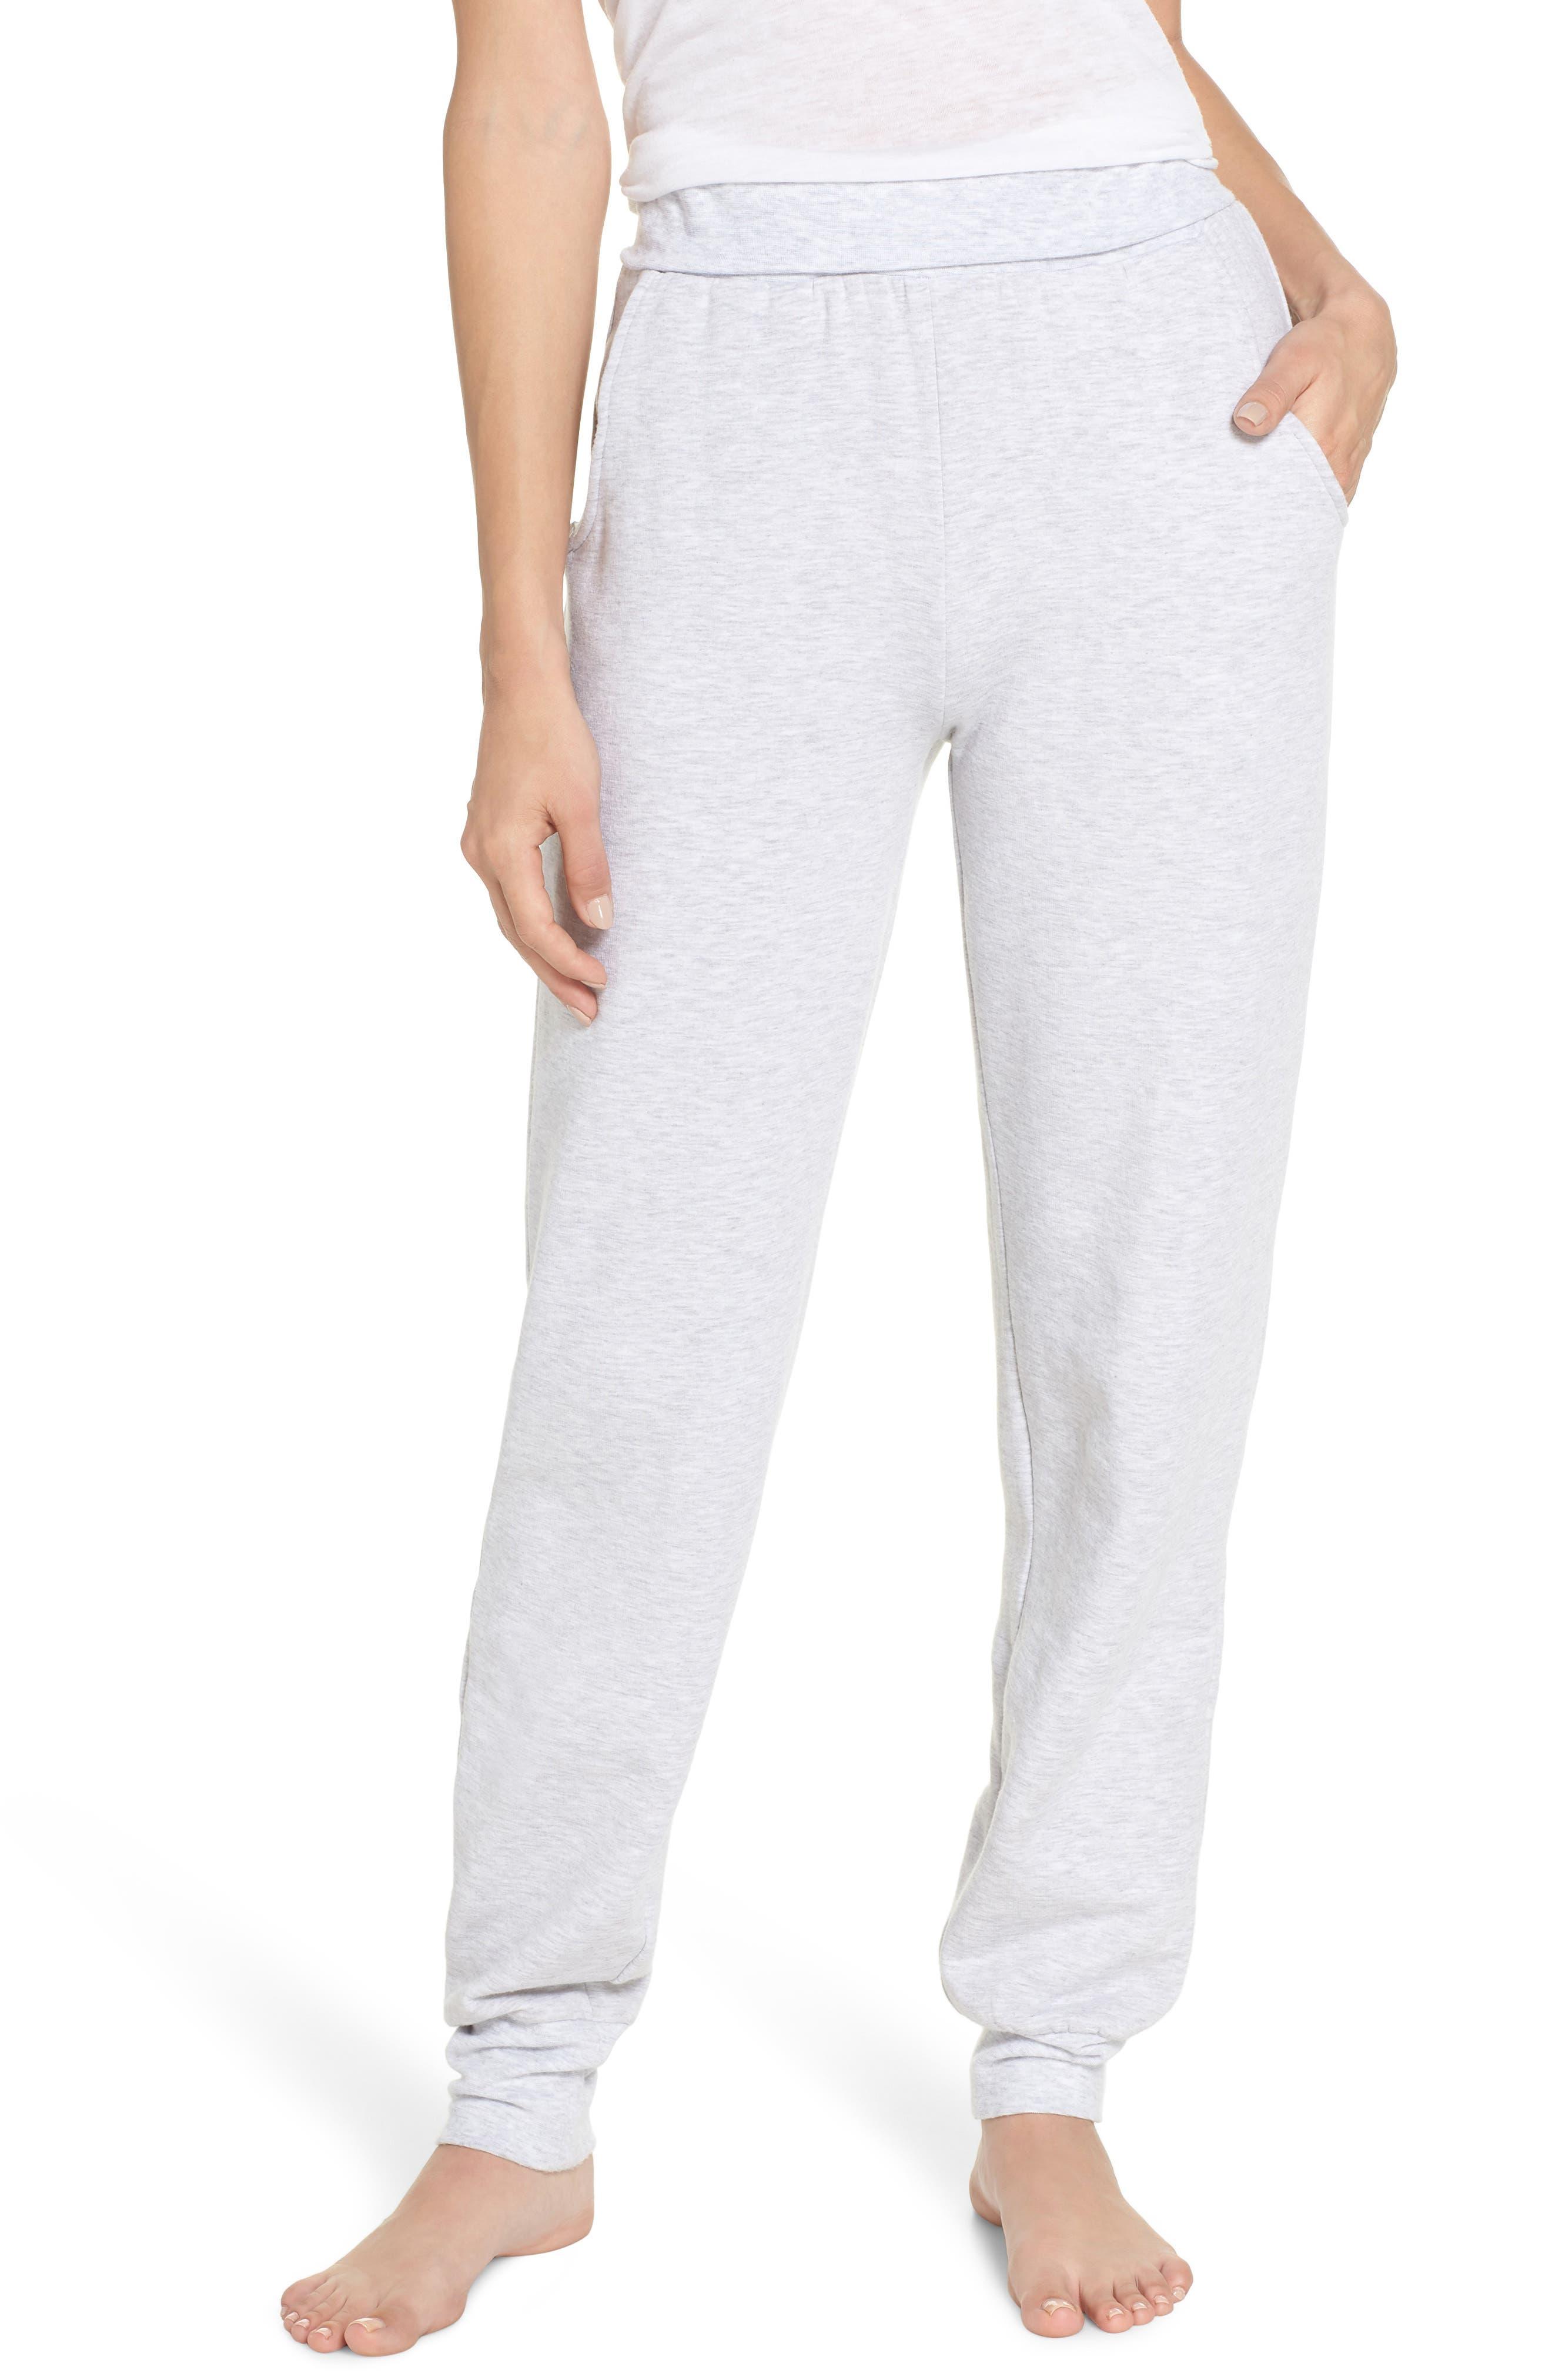 Jogger Pajama Pants,                         Main,                         color, 020